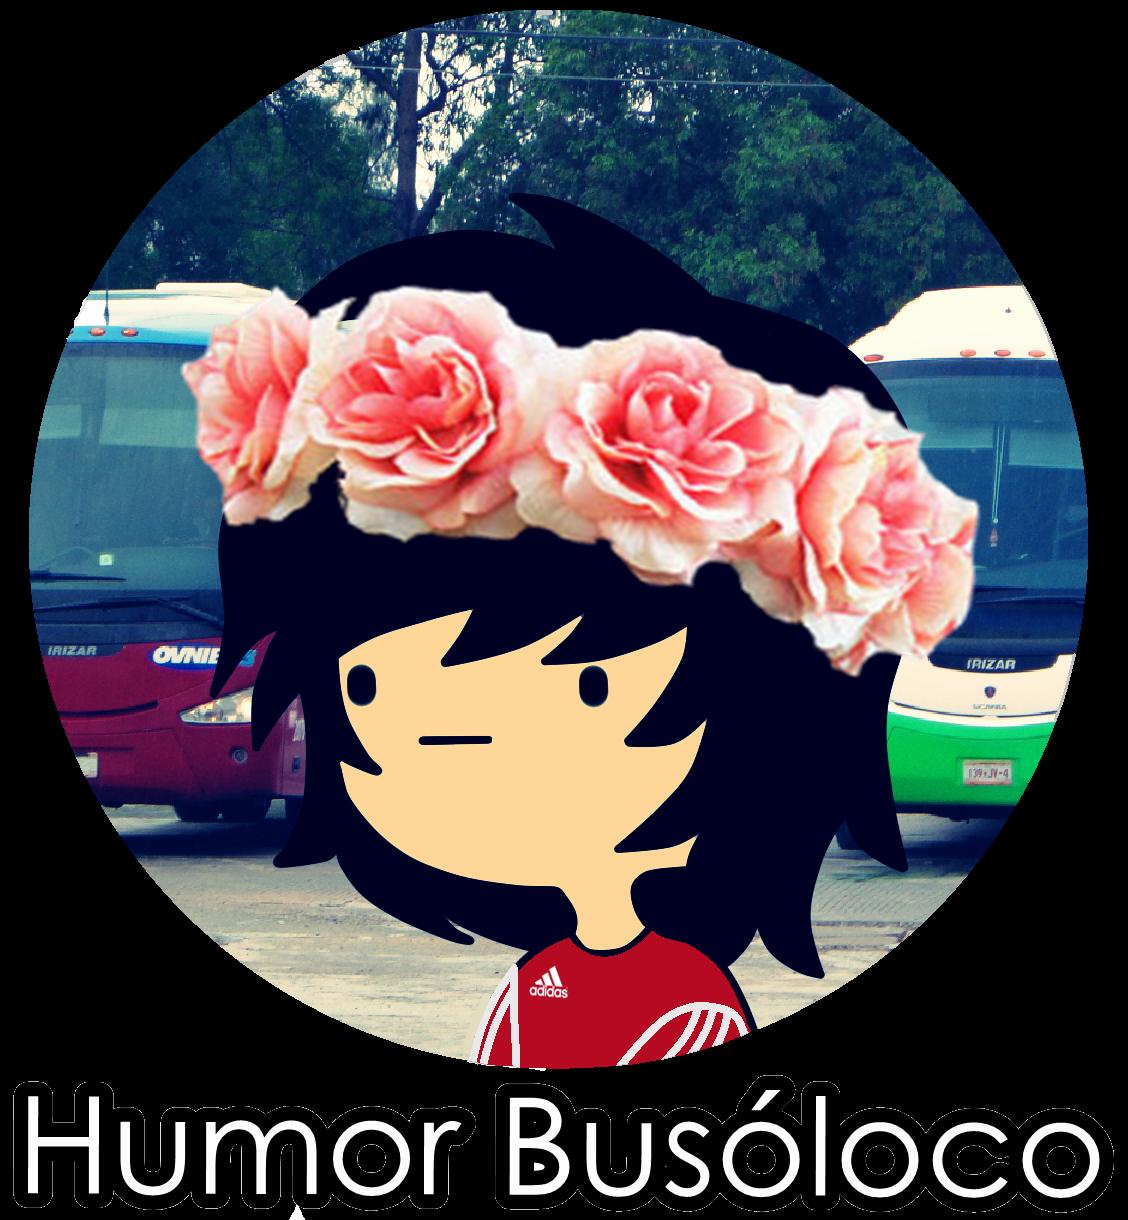 Humor Busóloco